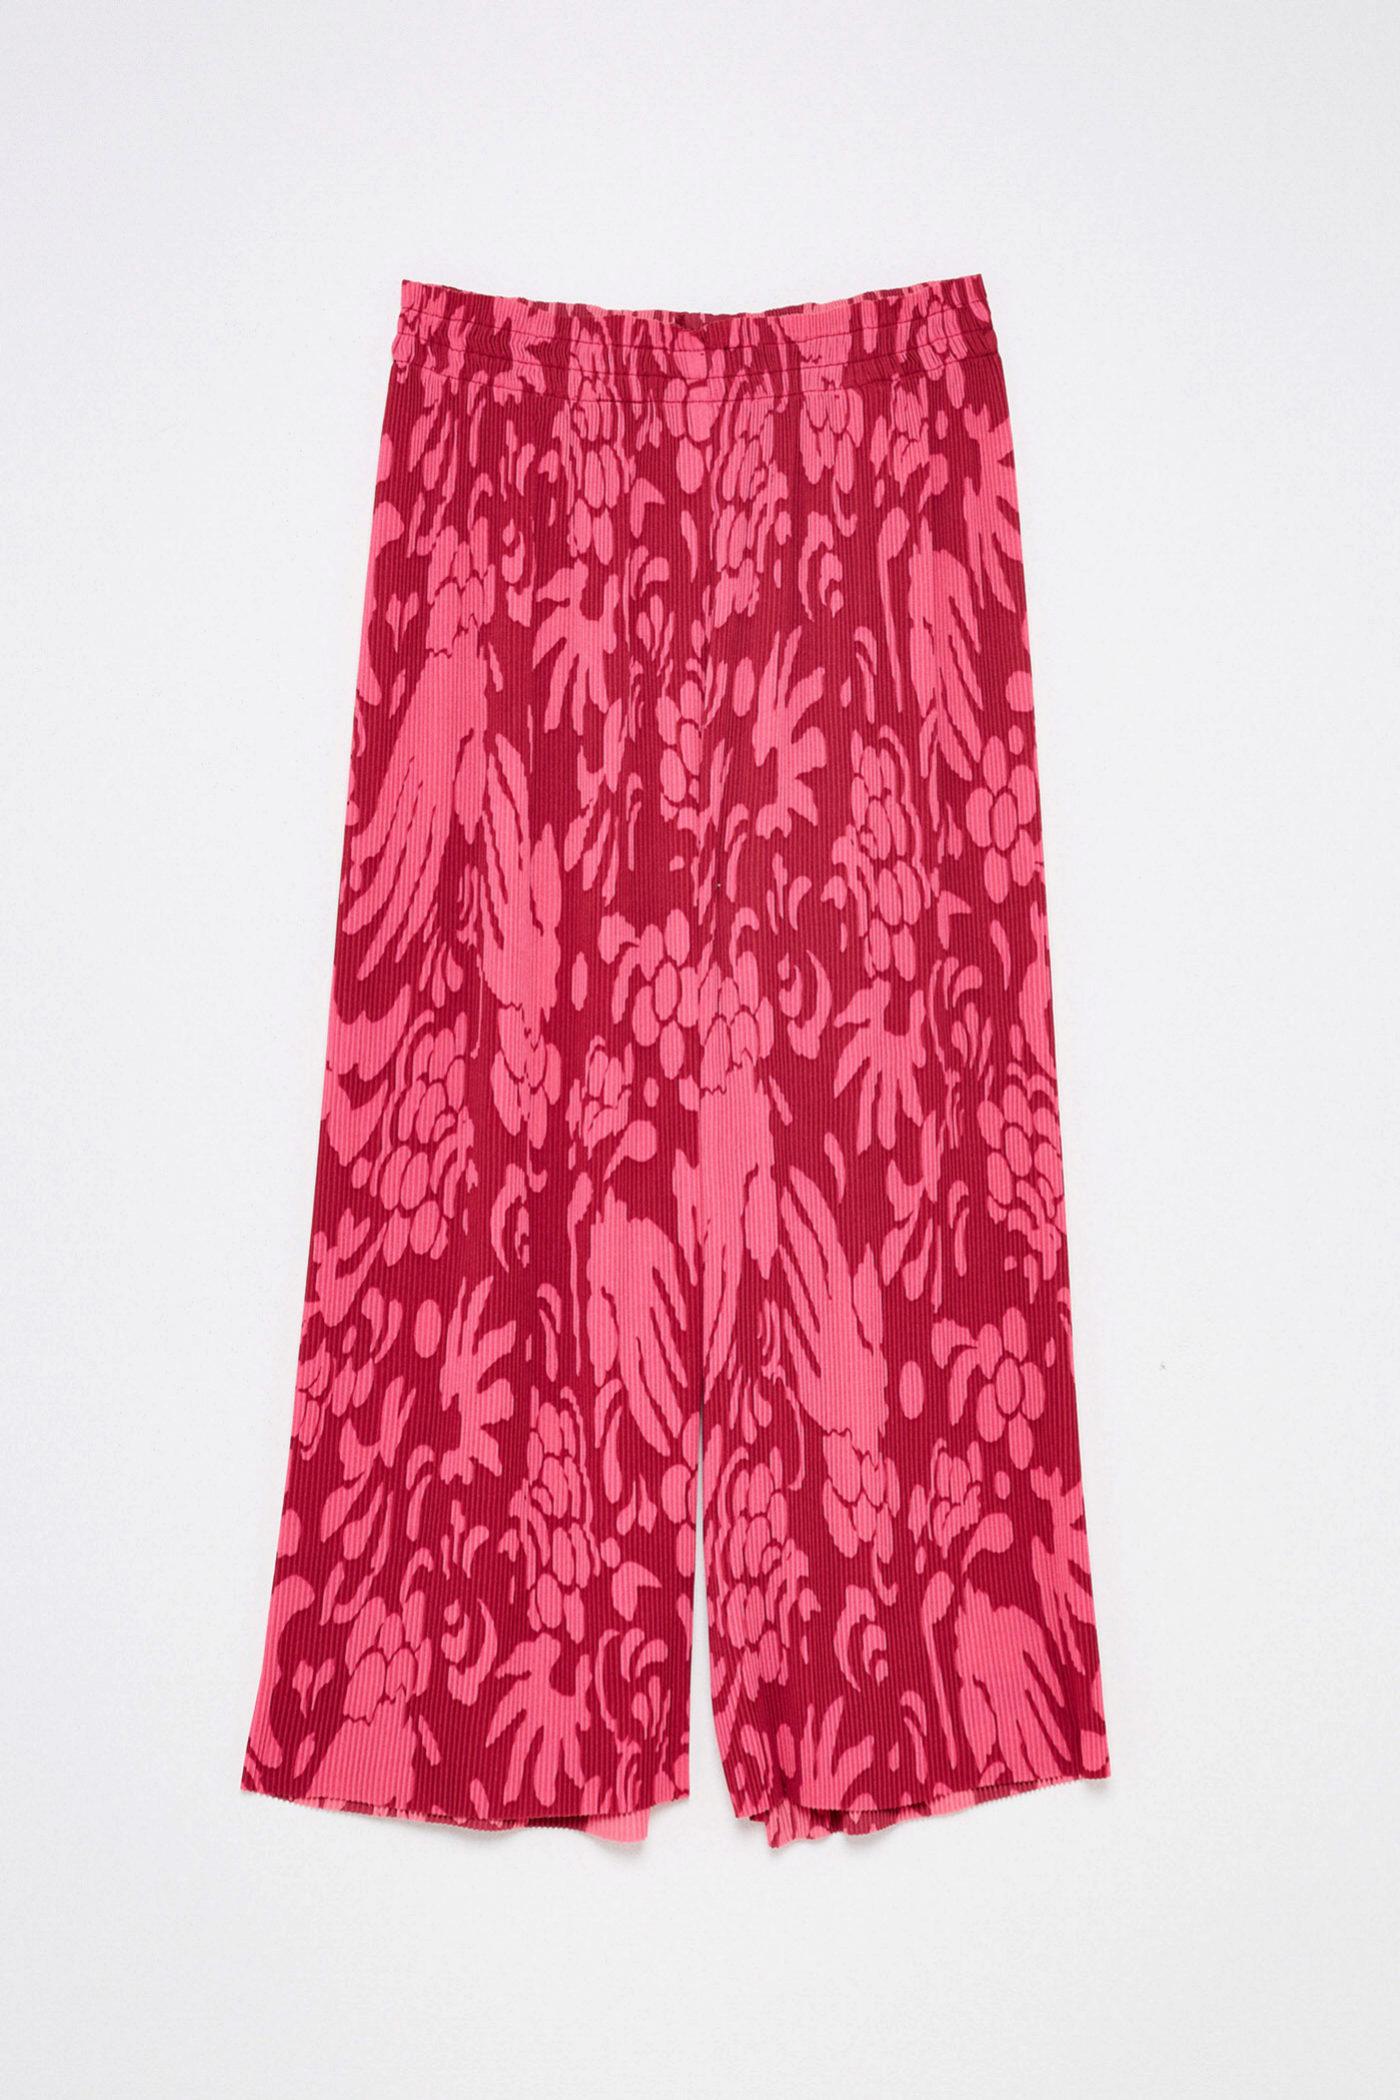 Pantalón plisado estampado en rojo y rosa de Sfera